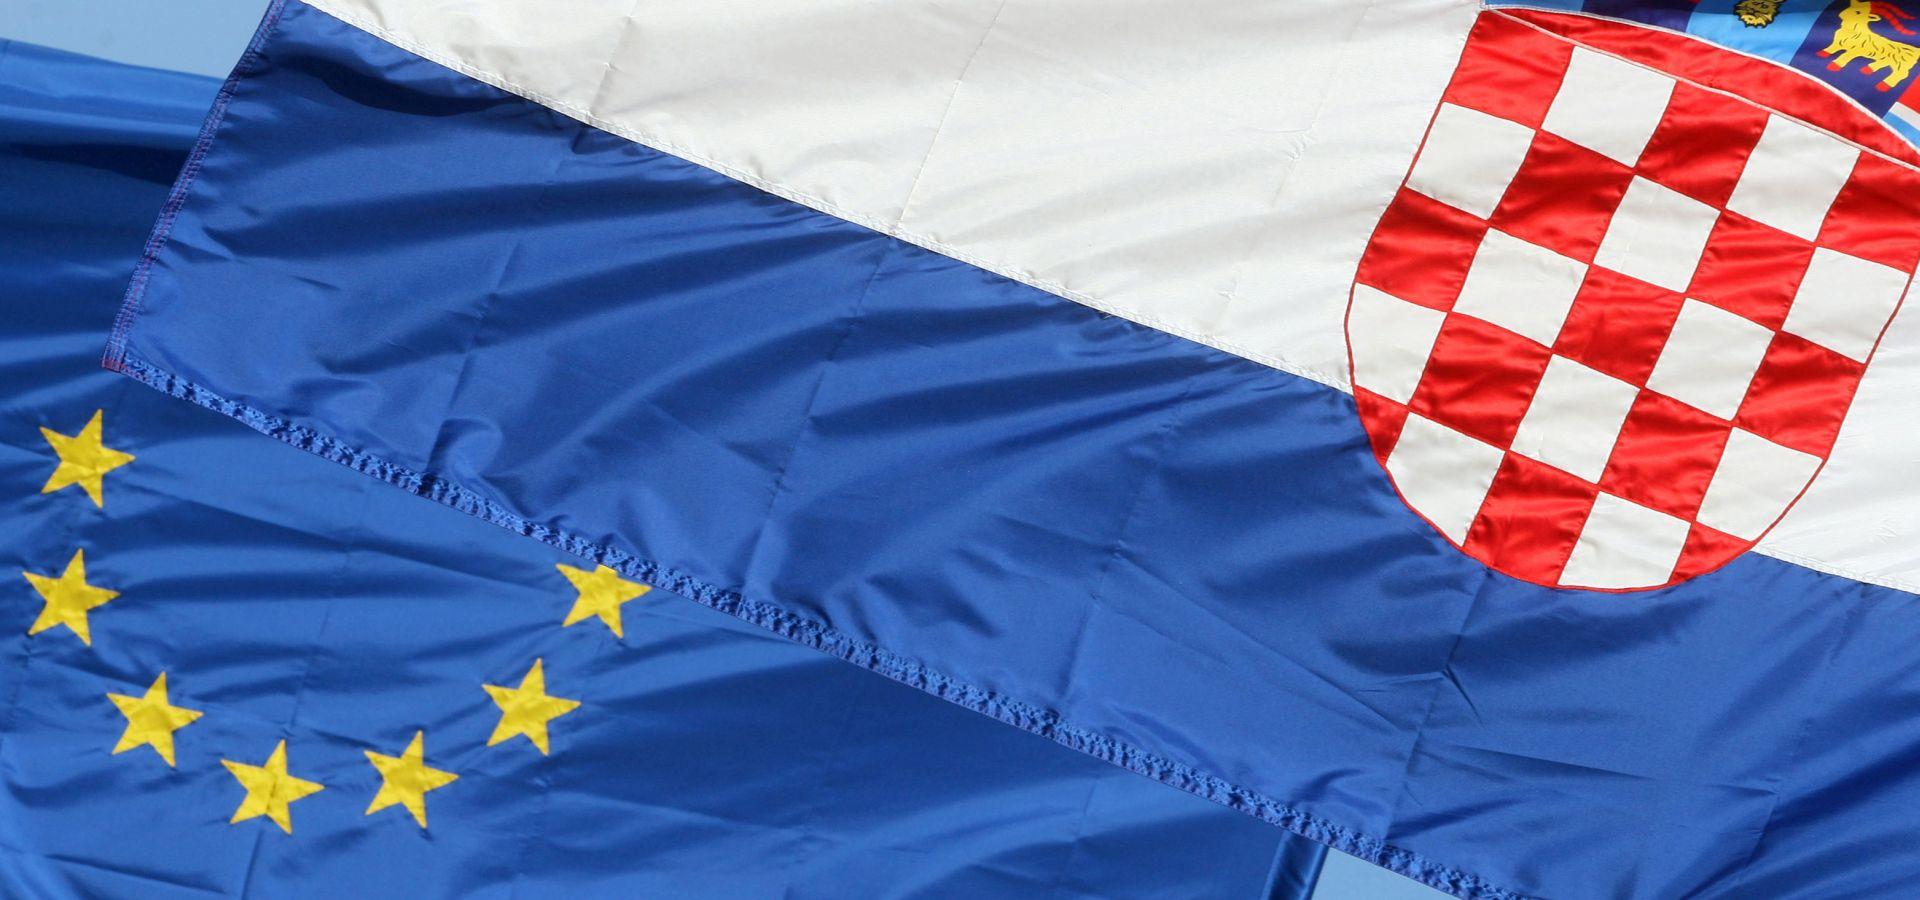 FREEDOM HOUSE Hrvatska po demokraciji 11. među 29 tranzicijskih zemalja u 2017.